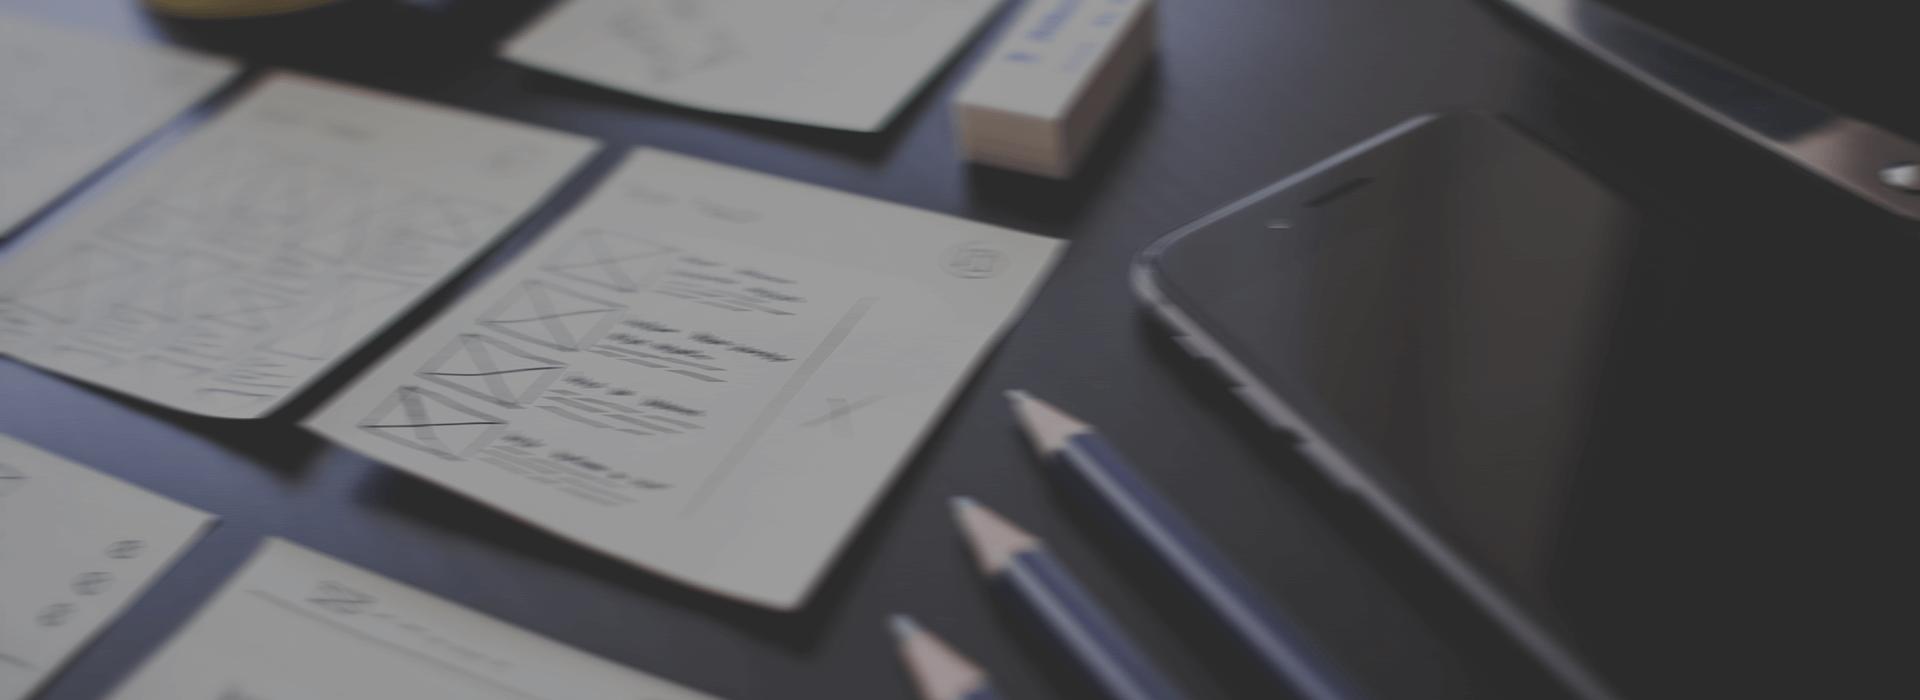 2018新版公司注冊流程,注冊公司更簡單